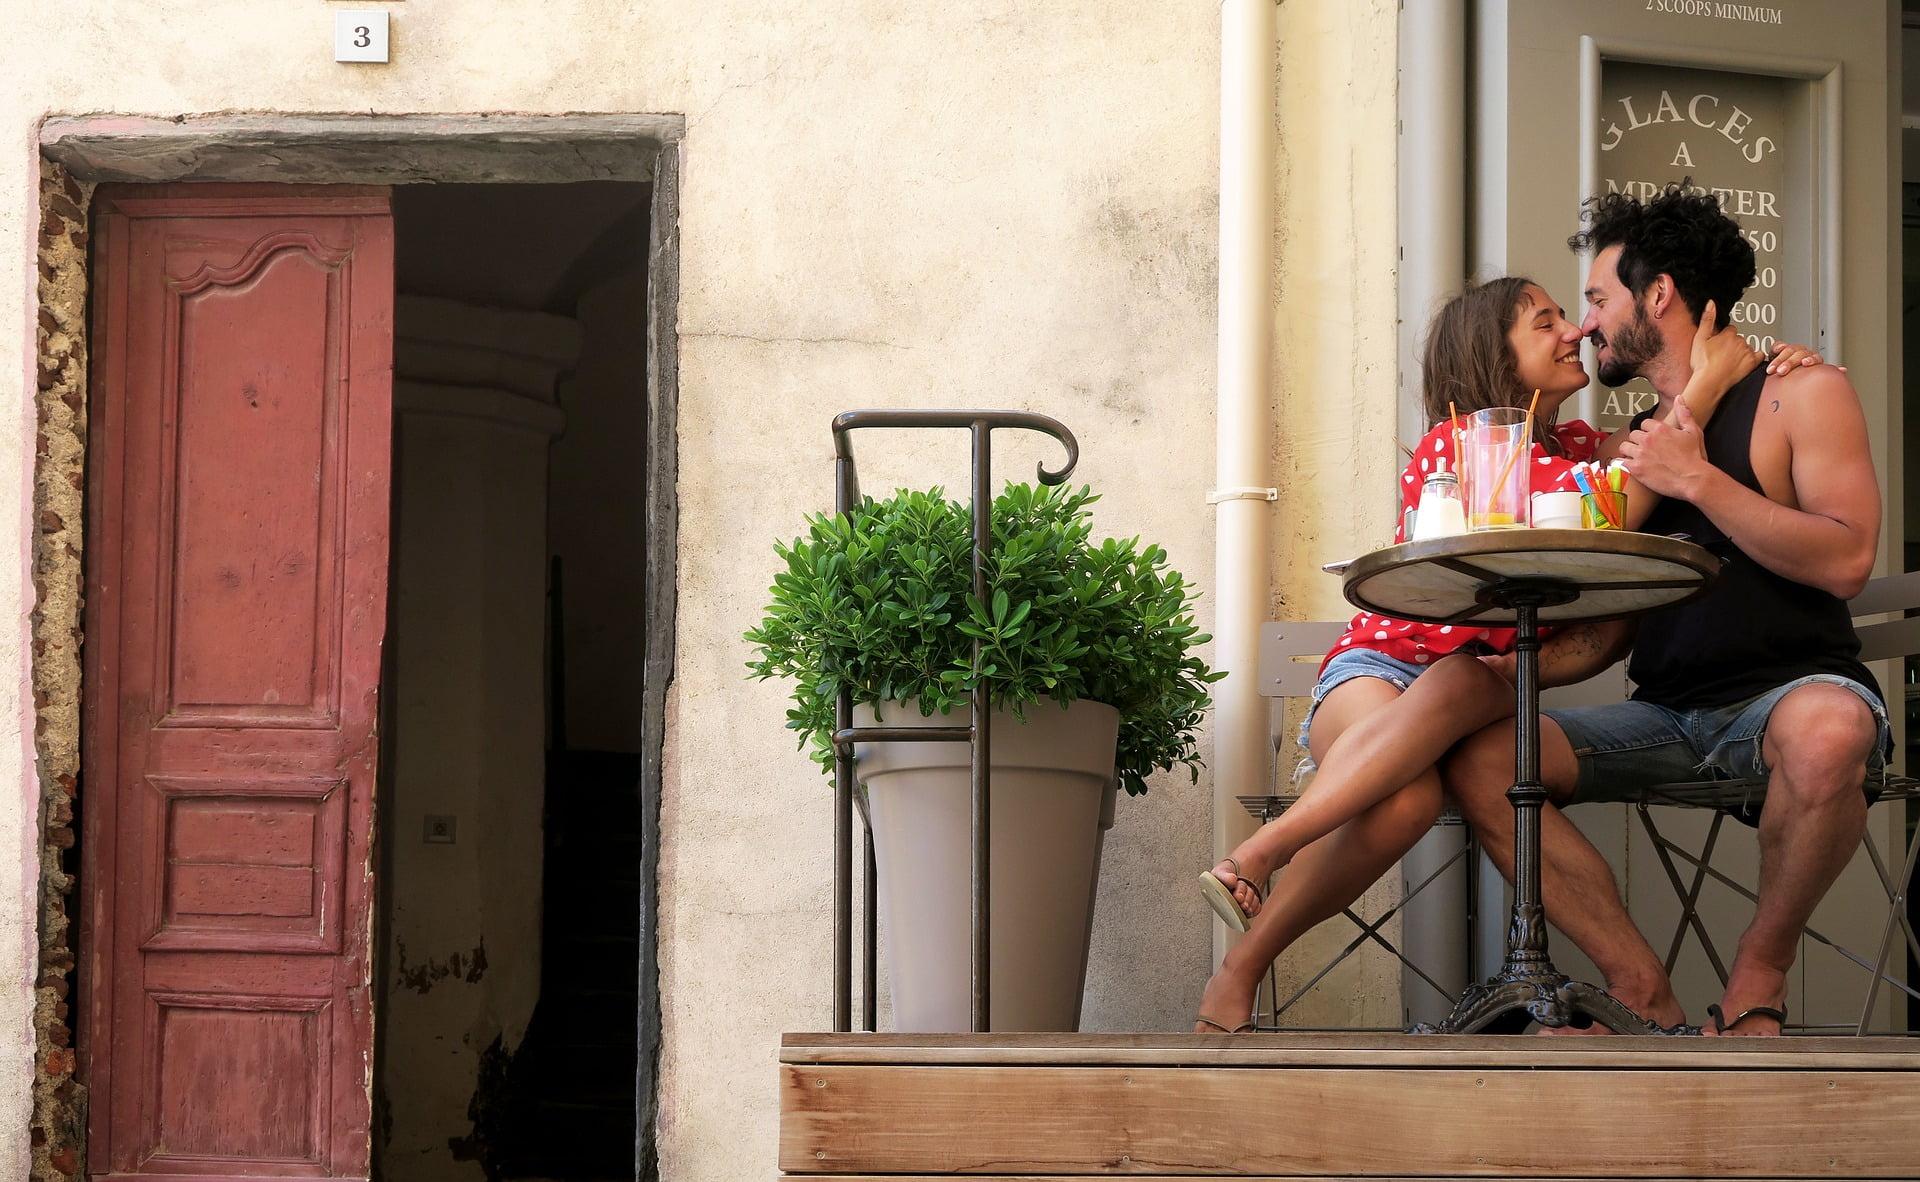 in-love-2503412_1920 Les français et les sites de rencontres, une histoire d'amour ?